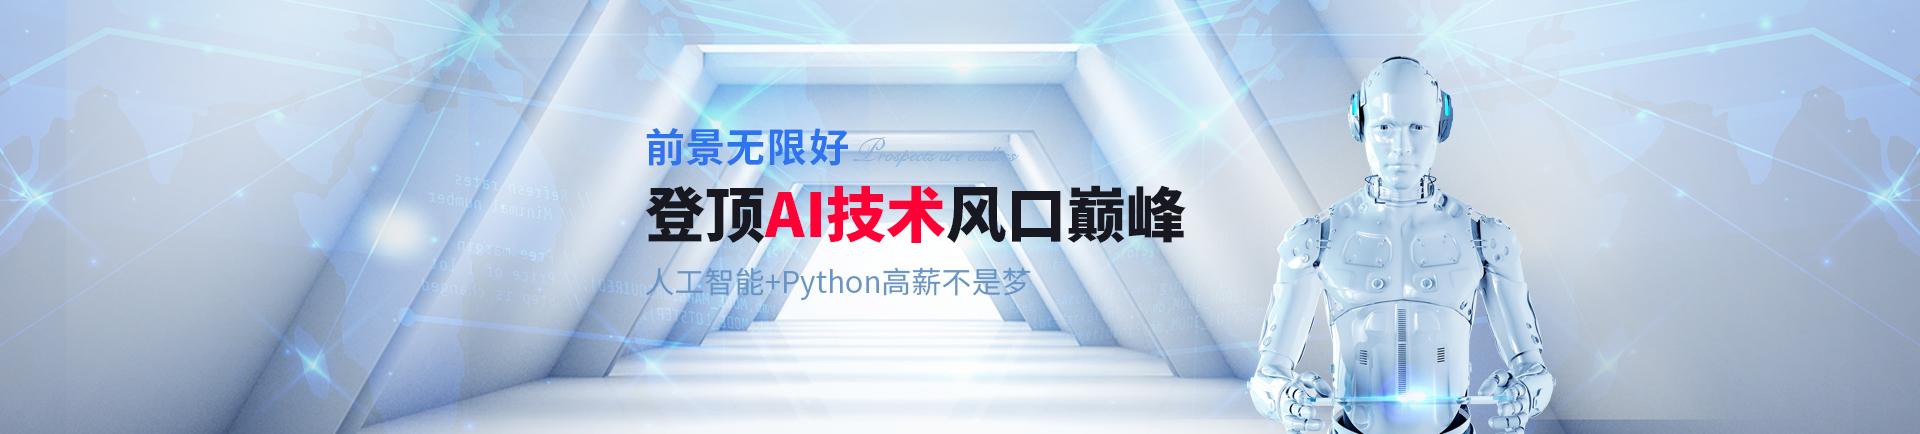 登顶AI技术风�巅峰 人工智能+Python高薪�是梦-shanghai